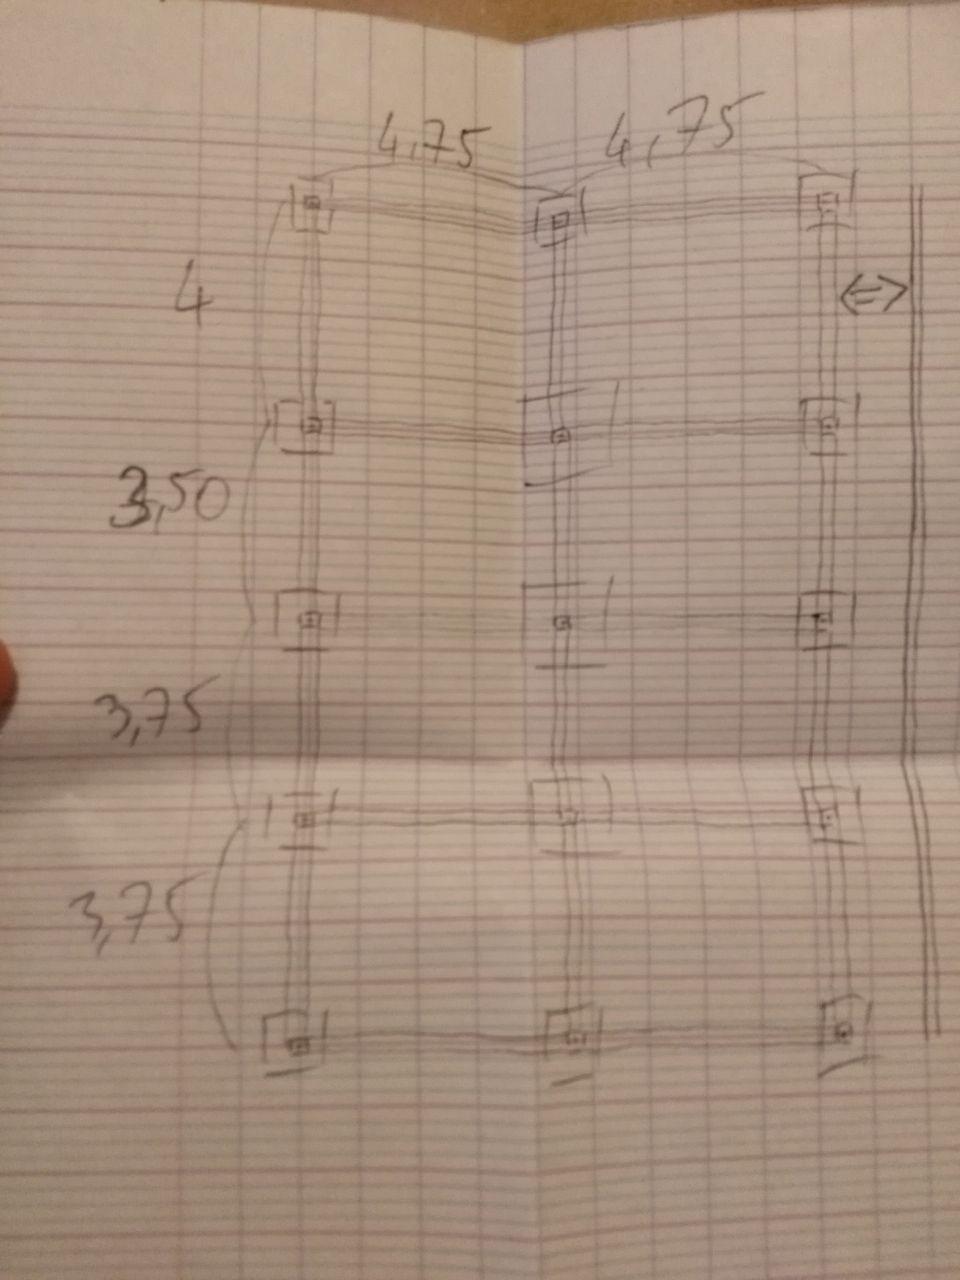 Ceci est le plan que j'ai fourni au maçon pour le début des travaux des fondations ! ^^